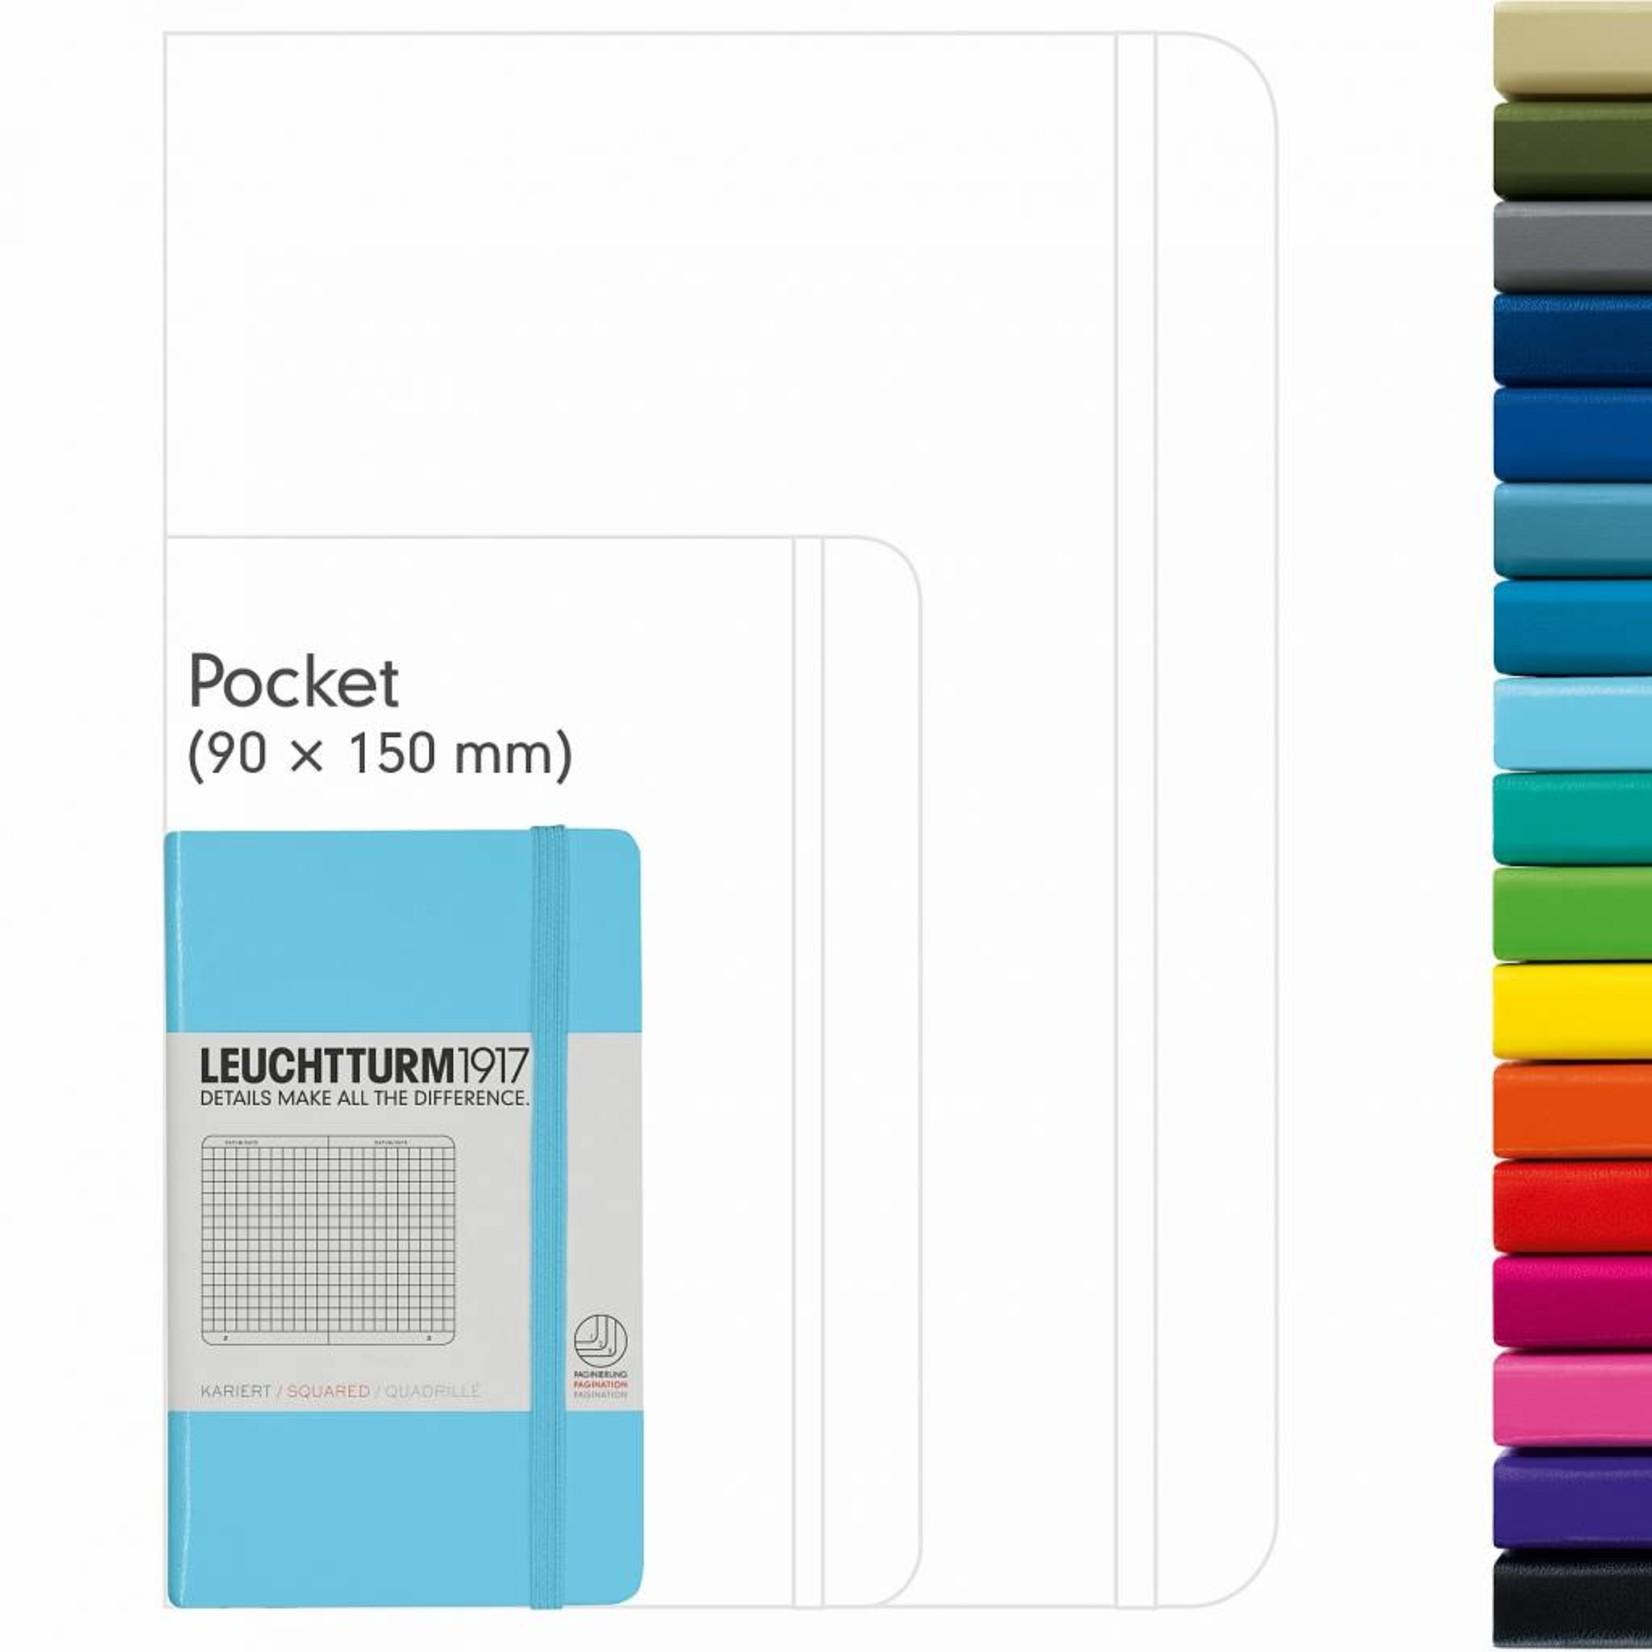 Leuchtturm1917 Leuchtturm1917 Notizbuch, Pocket, Smaragd, Liniert